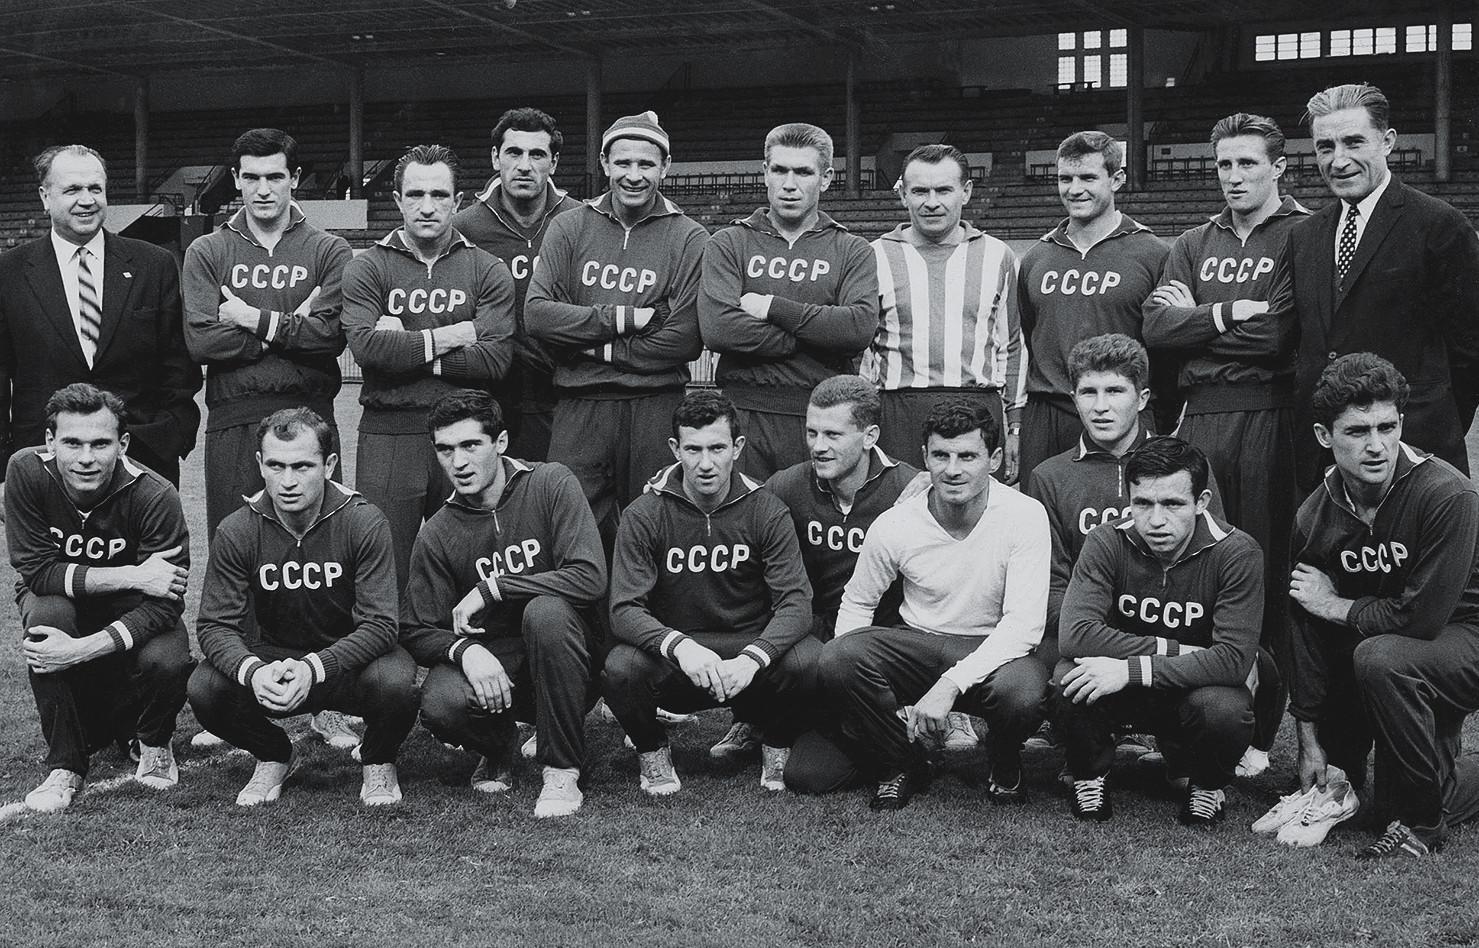 Чемпионат Союза Советских Социалистических республик